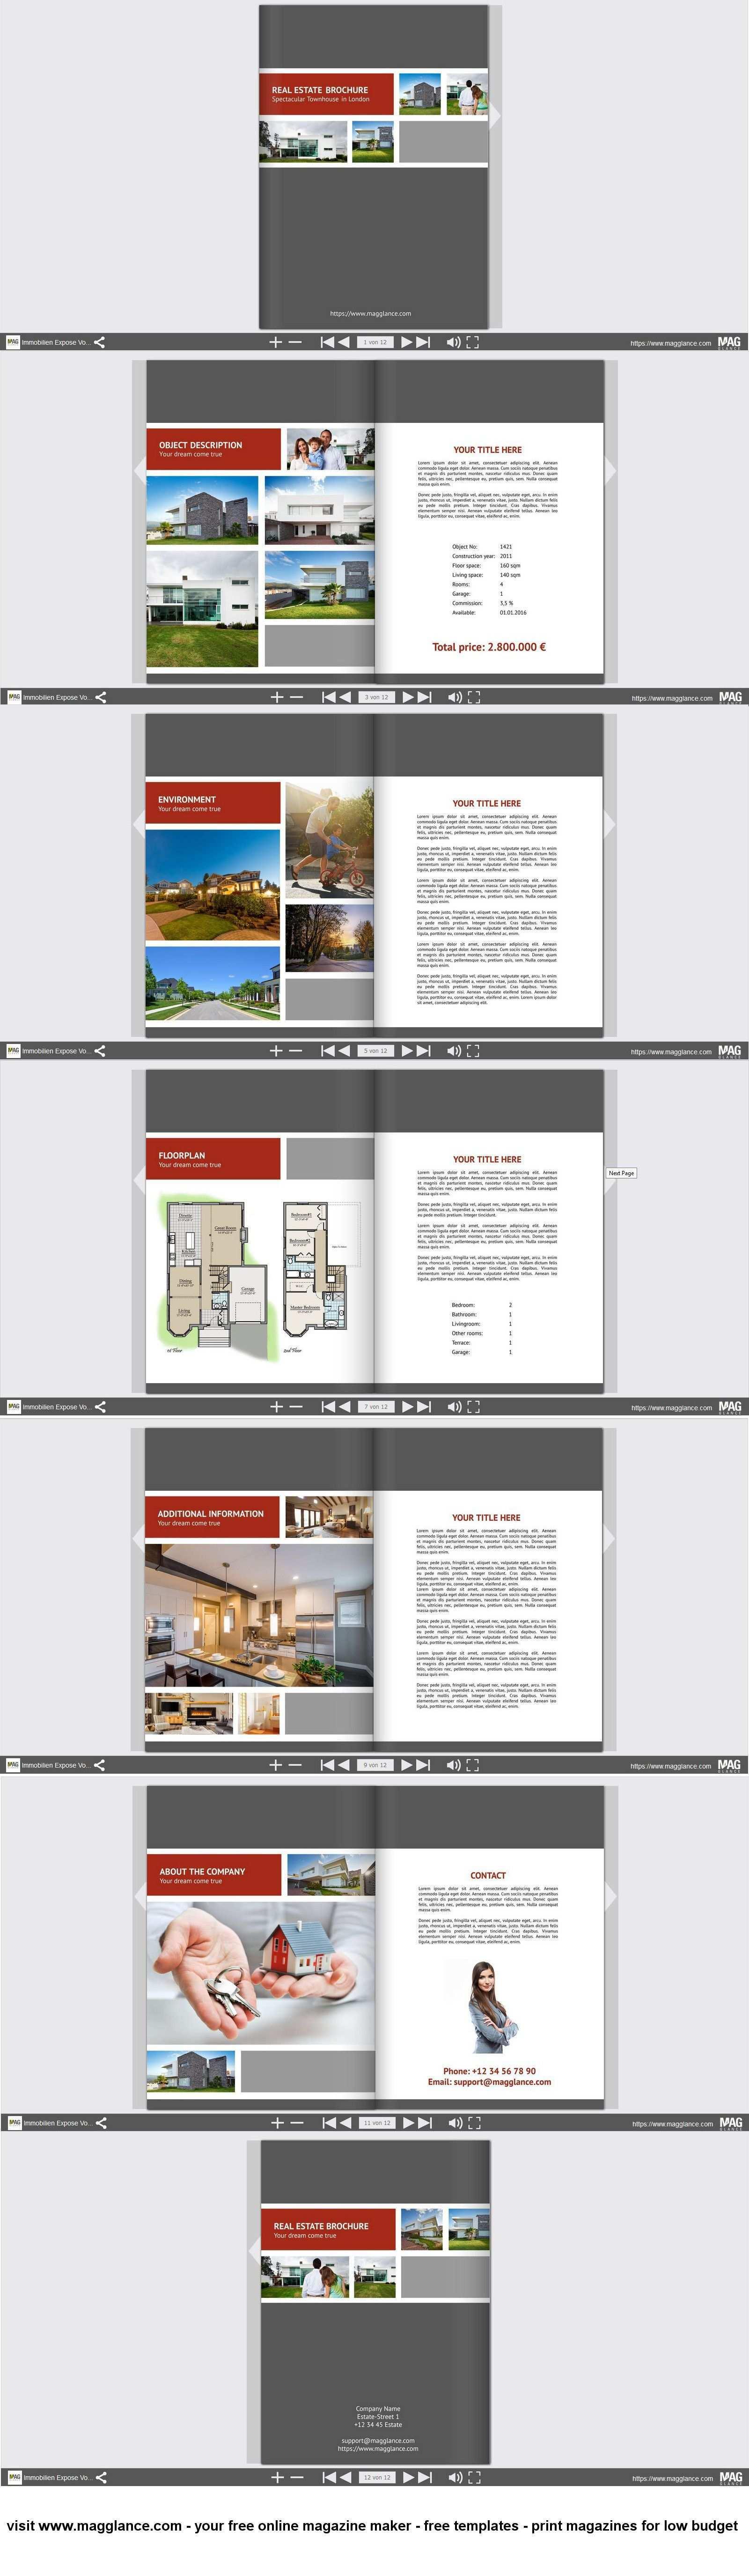 Immobilien Expose Kostenlos Online Erstellen Und Gunstig Drucken Unter Https De Magglance Com Immobilien Expose Vorlage Im Expose Immobilien Immobilien Pose